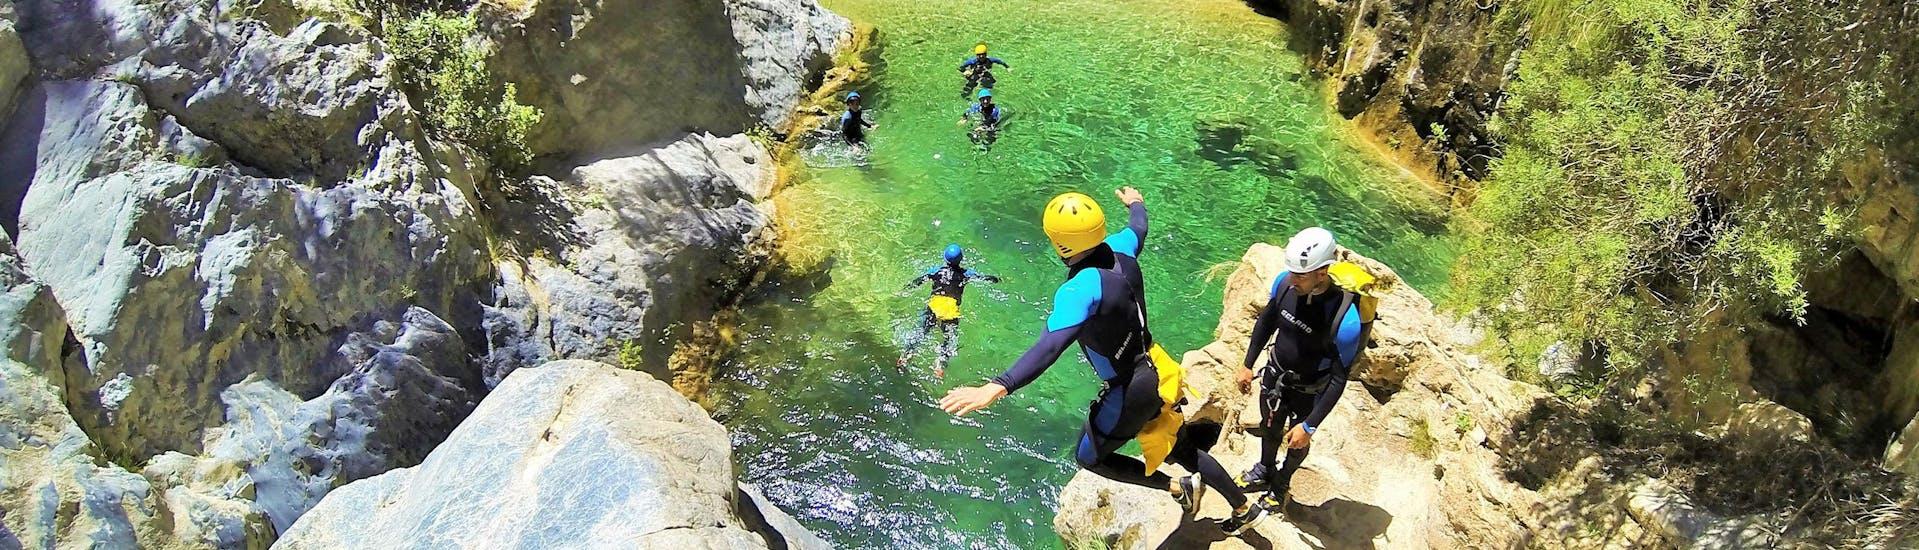 Un grupo de amigos saltan desde el acantilado al agua cristalina durante el Canyoning para Principiantes en Río Verde, organizado por Barranquismo Río Verde.